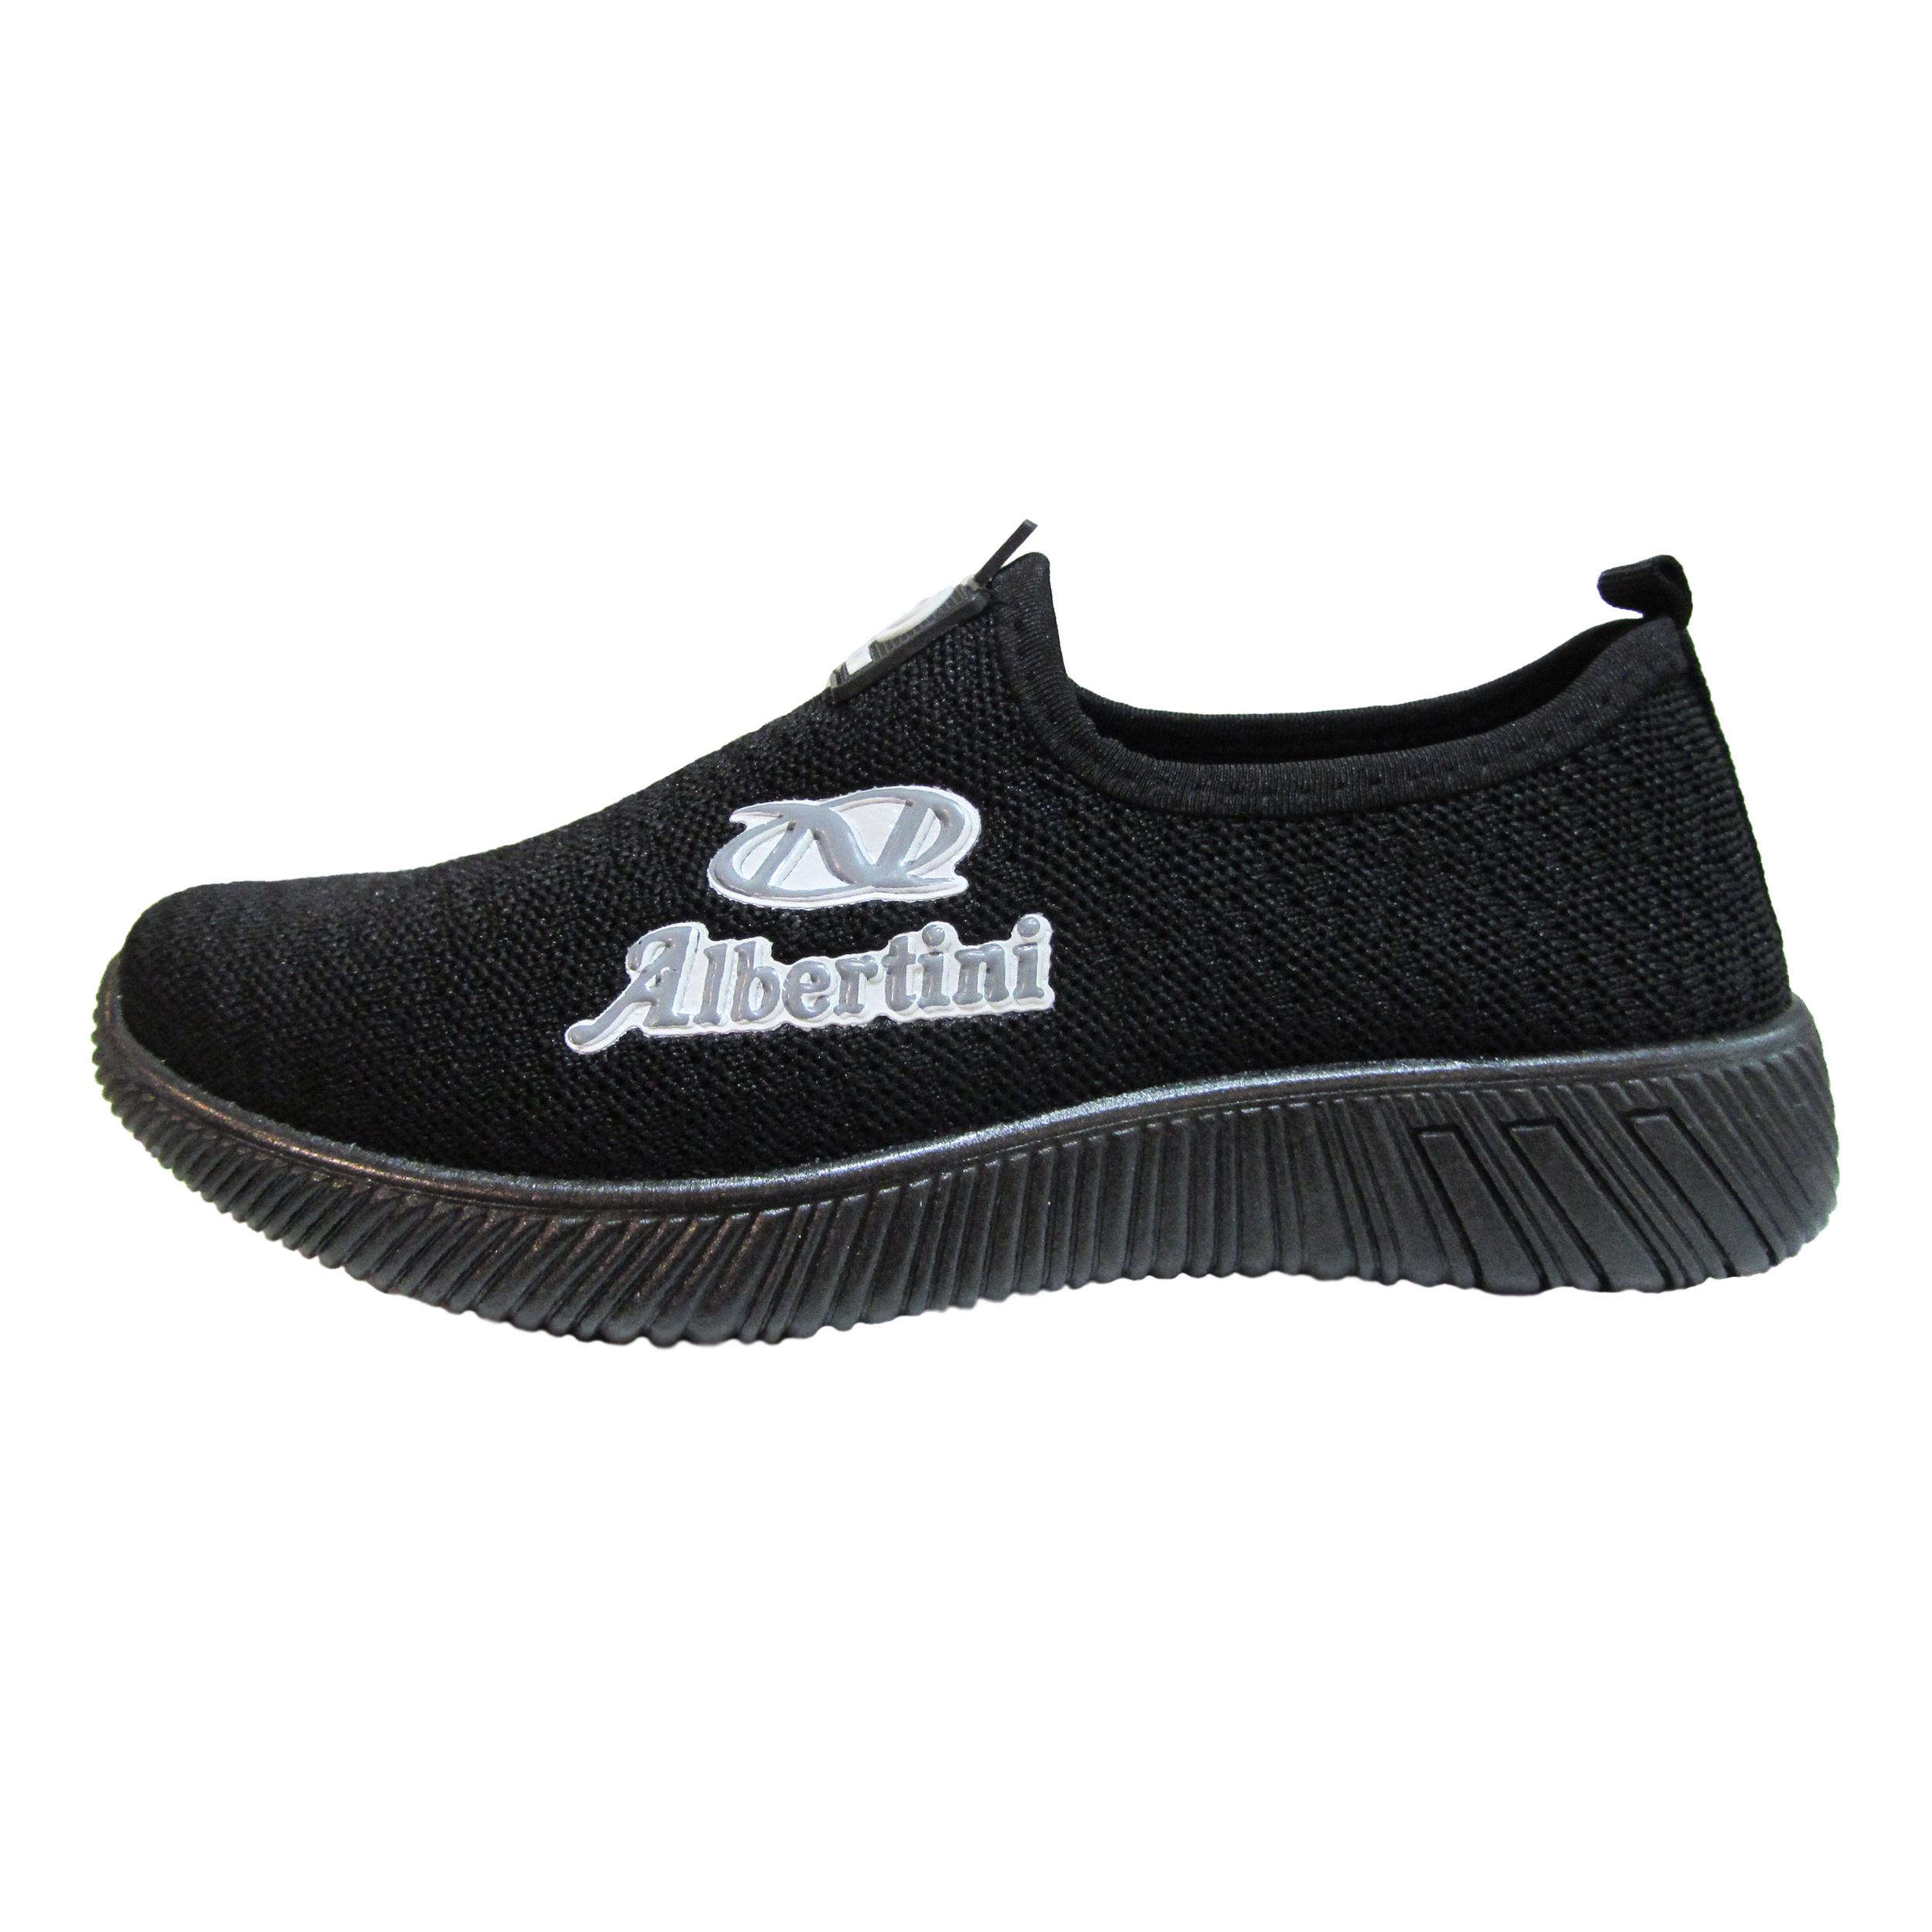 کفش راحتی زنانه آلبرتینی مدل میترو کد 03